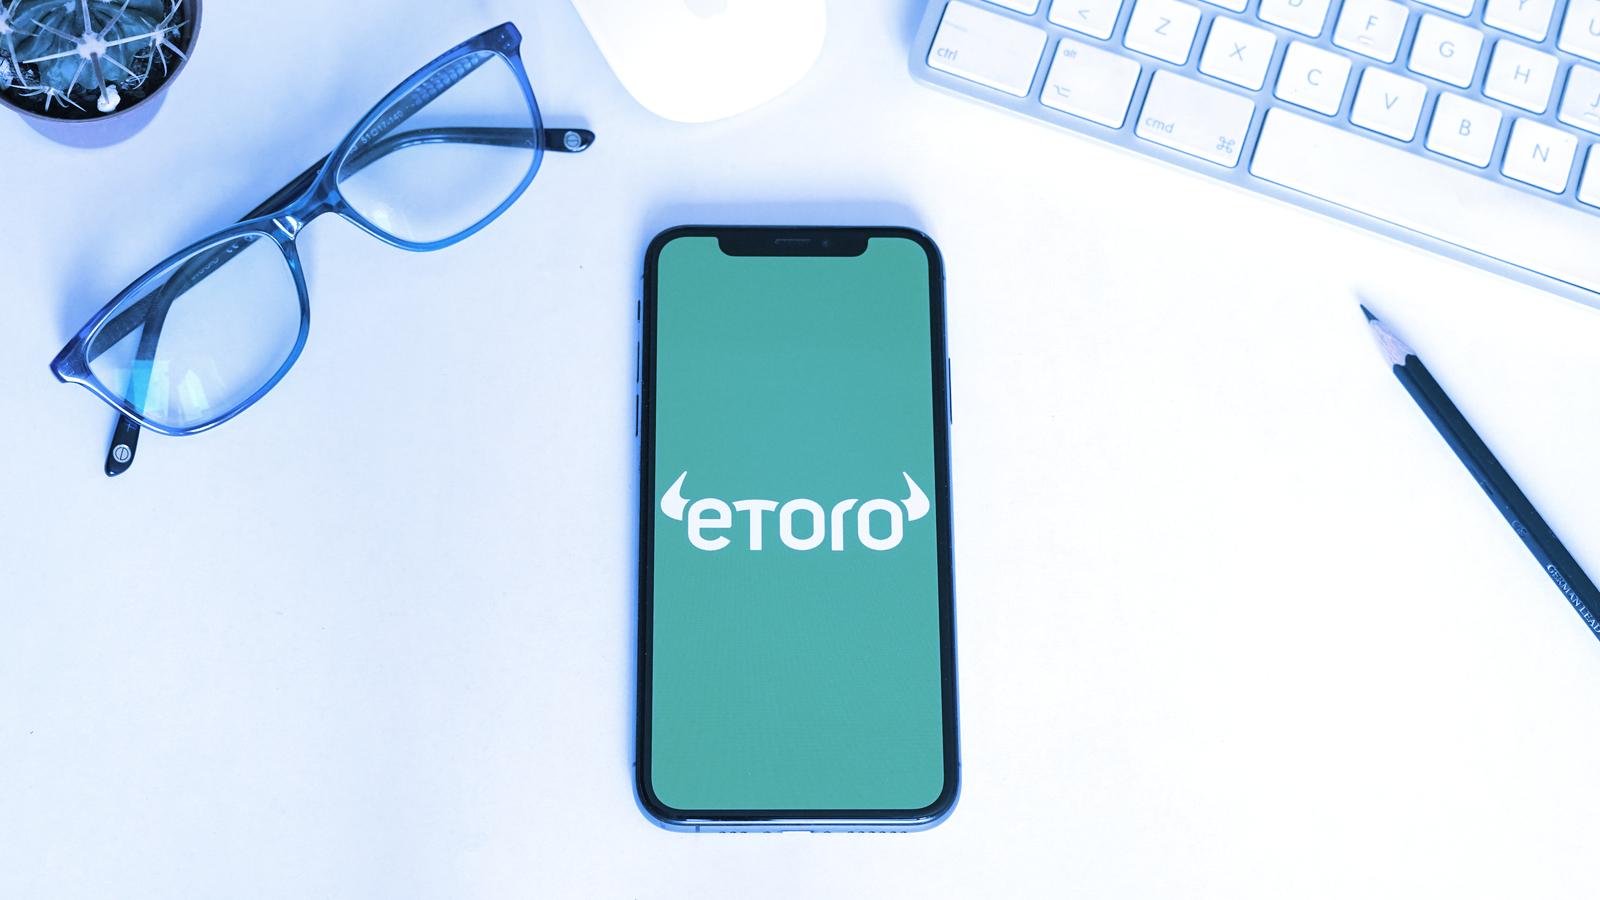 eToro Launches Investor Index of Top DeFi Tokens